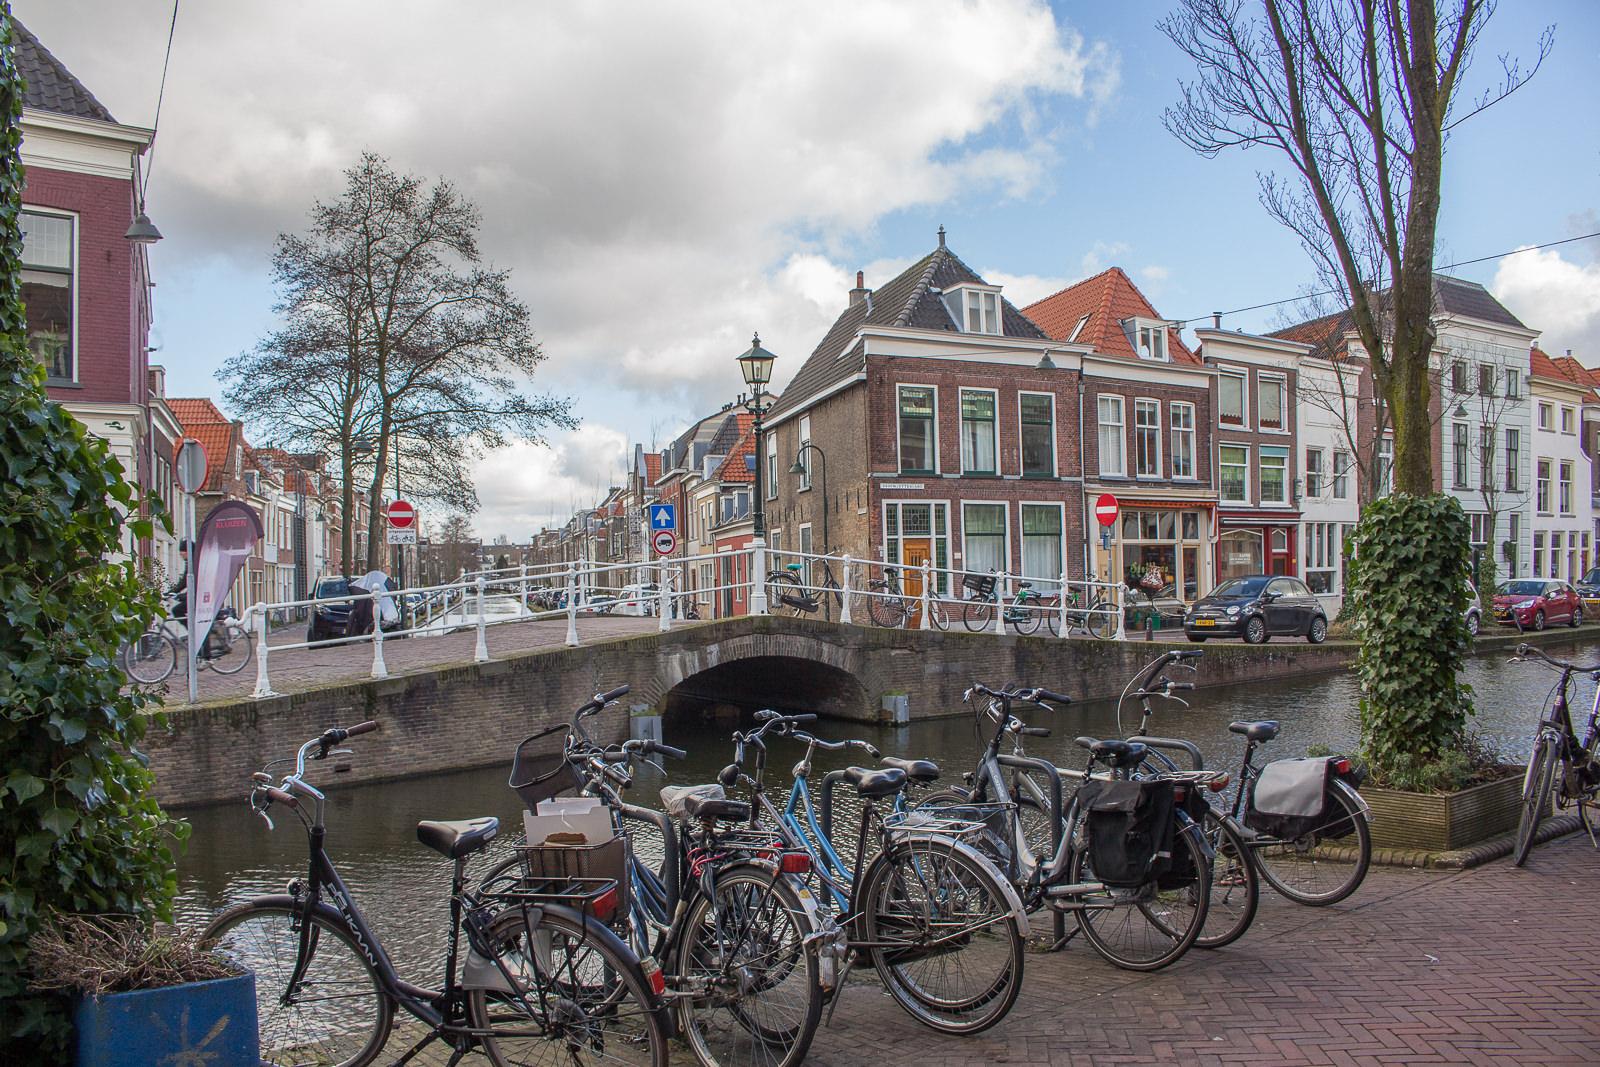 delft, südholland, holland, niederlande, städtetrip, sightseeing, grachten